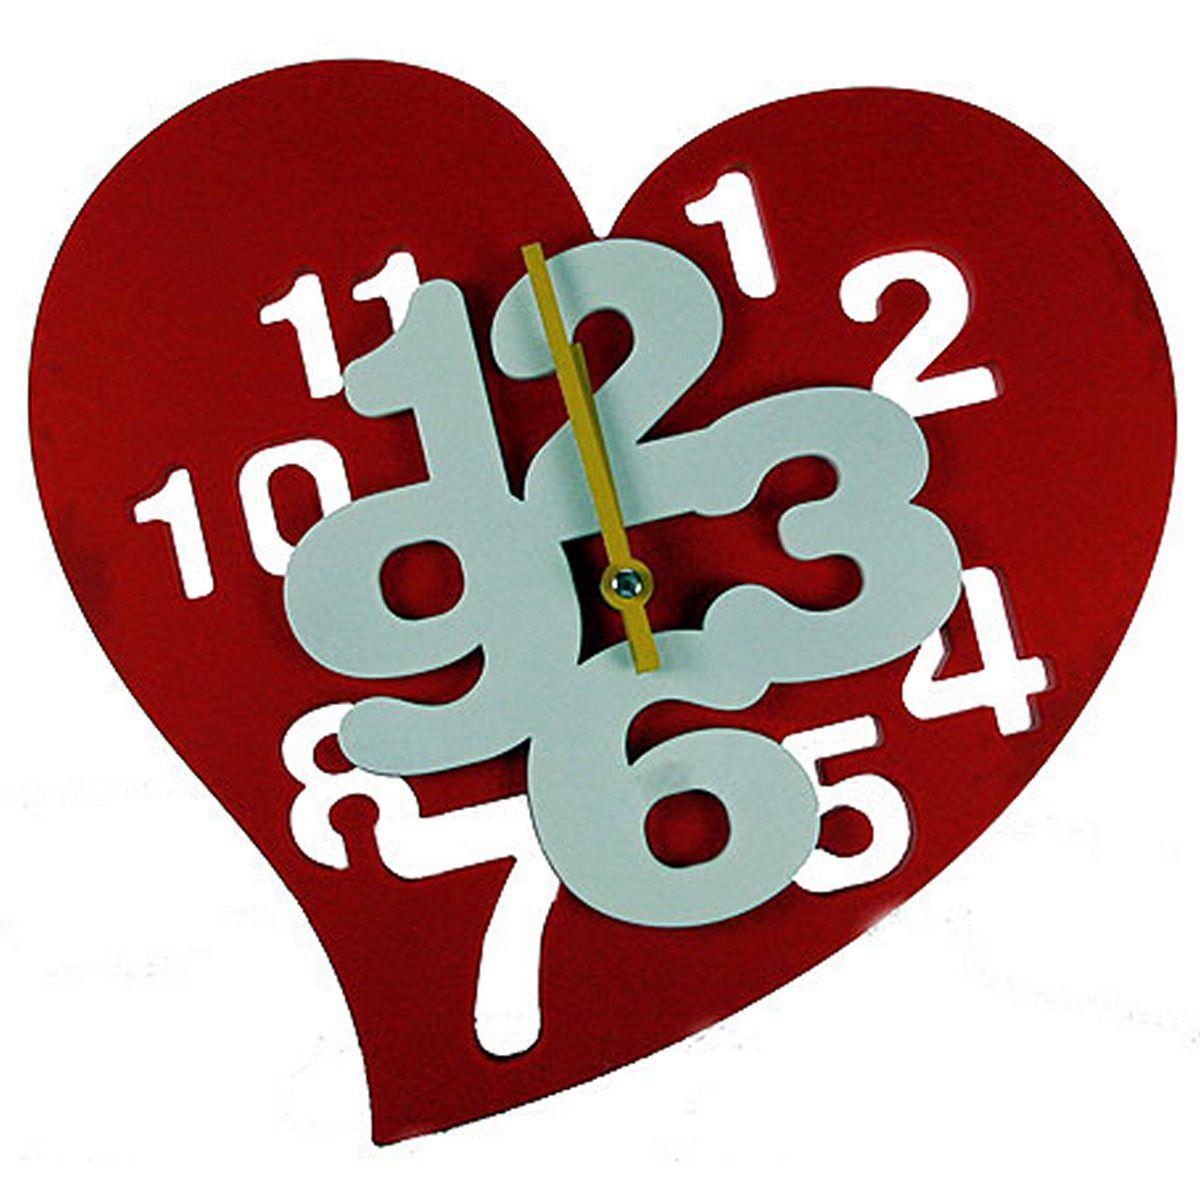 Часы настенные Русские Подарки Сердечко. 22241994672Часы настенные Русские Подарки Сердечко изготовлены из пластика. Корпус оригинально оформлен в виде сердца. Часы имеют две стрелки - часовую и минутную. С обратной стороны имеетсяпетелька для подвешивания на стену. Такие часы красиво и необычно оформят интерьер дома или офиса. Также часы могут стать уникальным, полезным подарком для родственников, коллег, знакомых и близких.Часы работают от батареек типа АА (в комплект не входят).